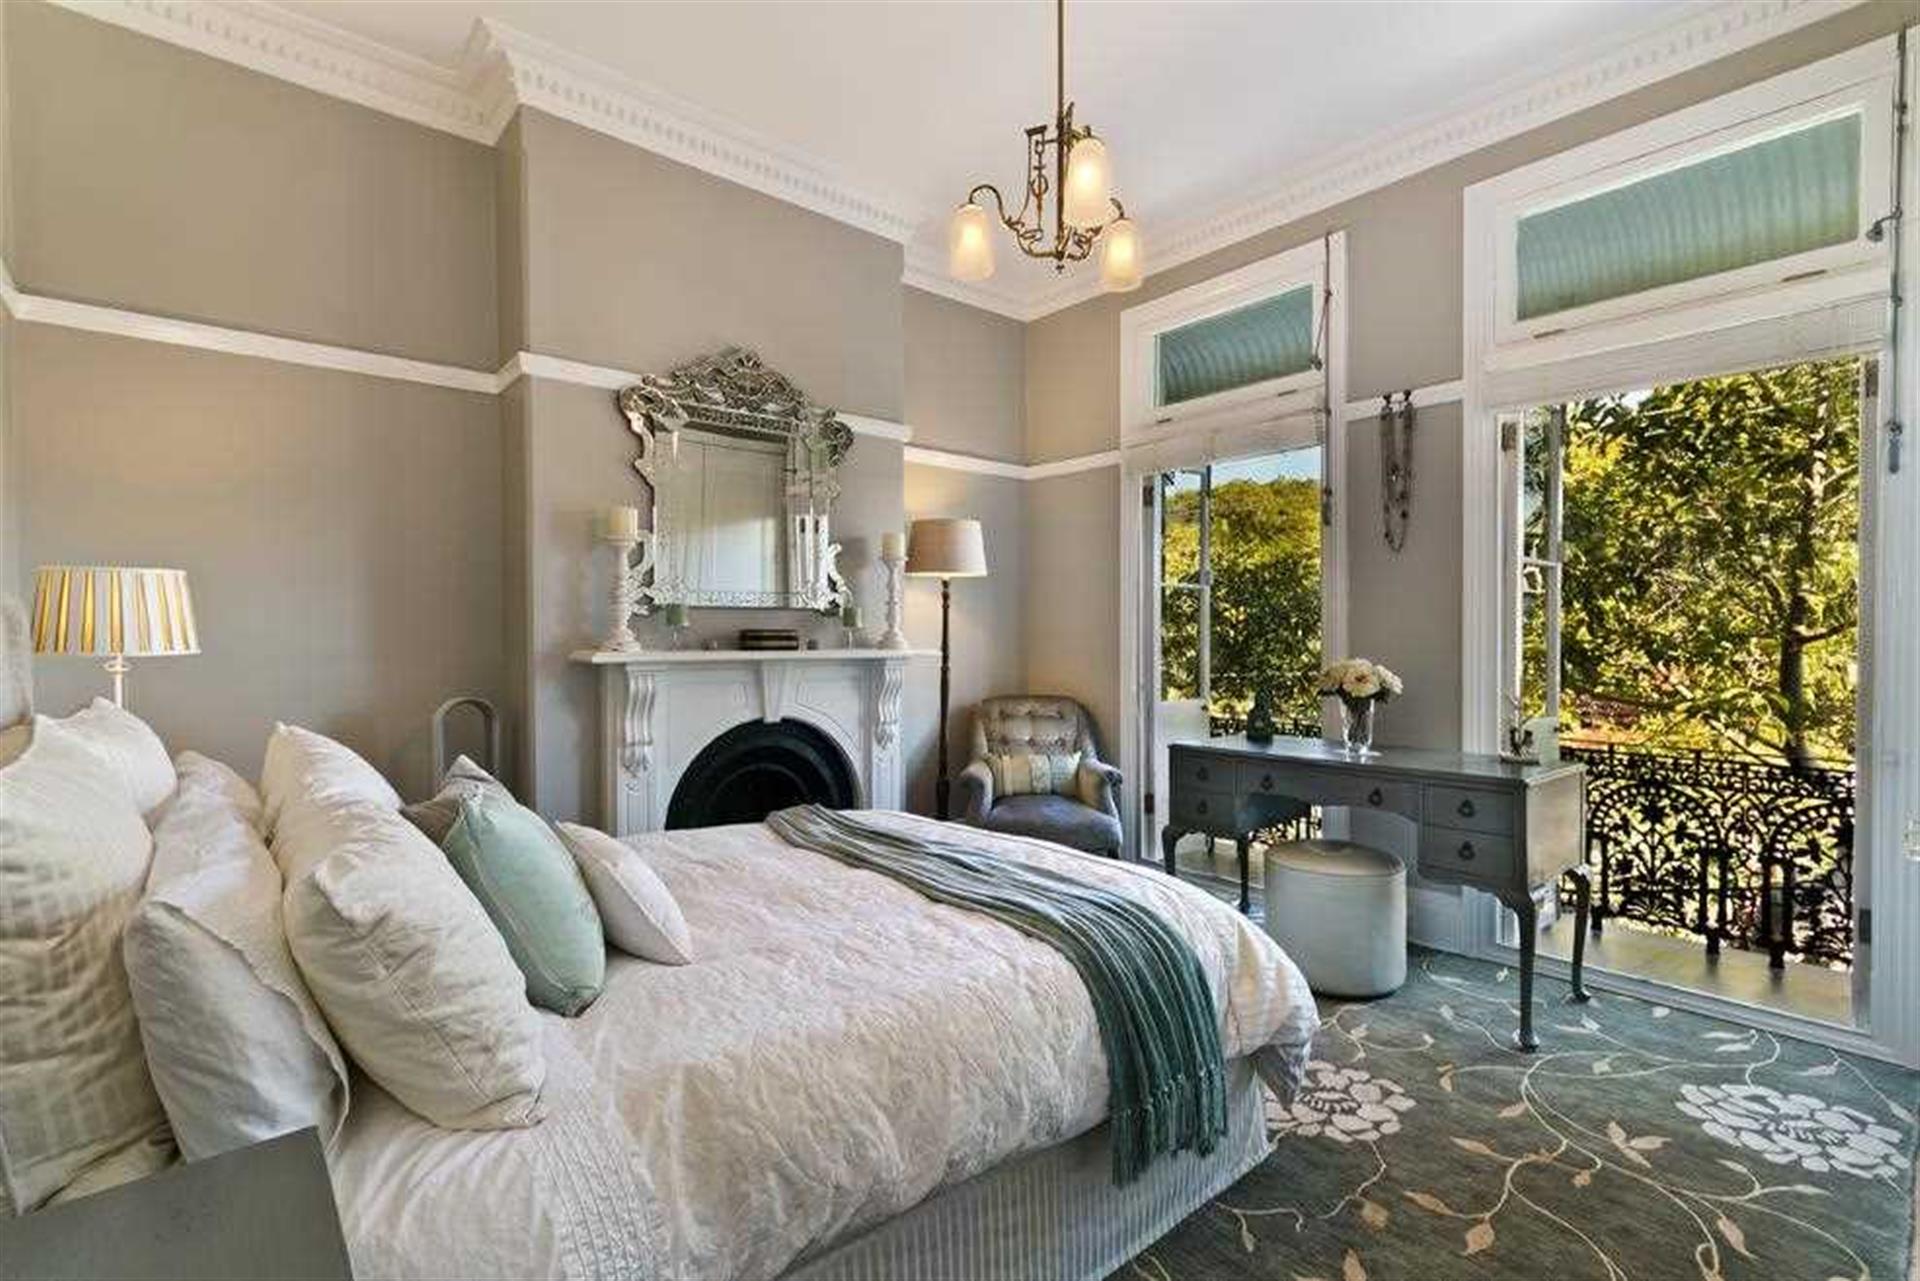 5 Bedroom Detached House For Sale - Bedroom Image